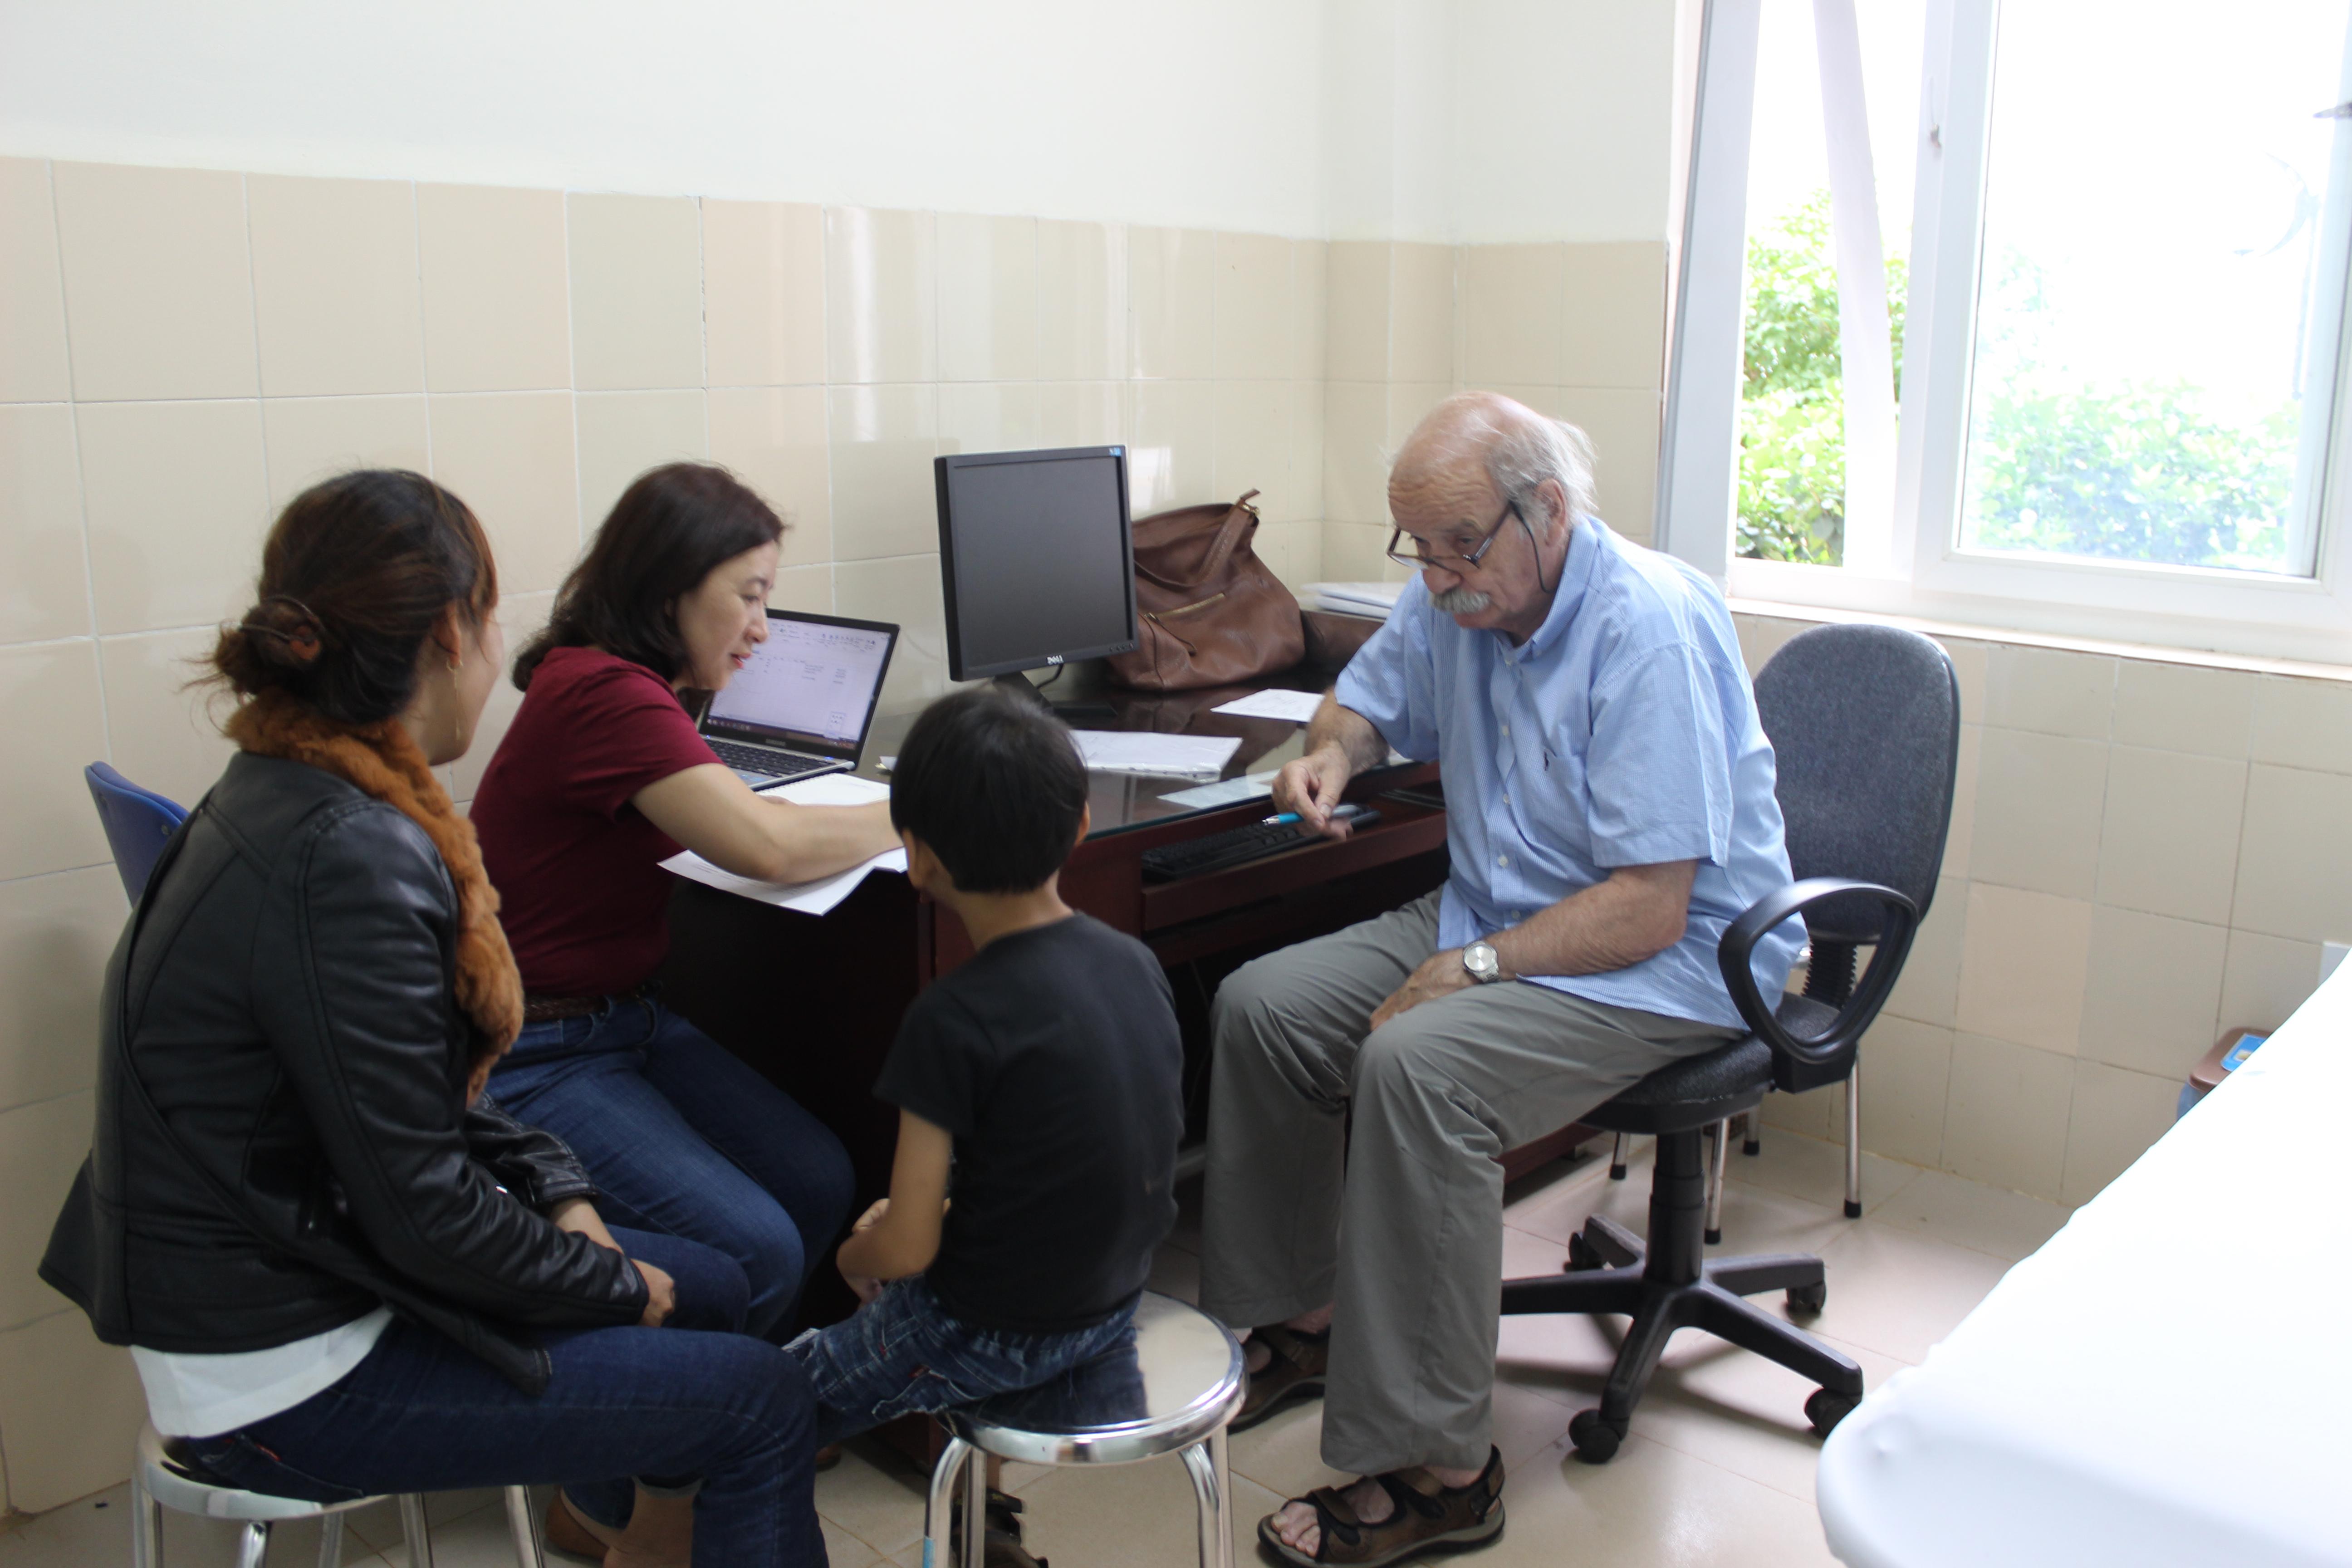 Bệnh Viện Thiện Hạnh Chào Mừng đoàn Bác Sĩ Bệnh Viện Lausanne (Thụy Sỹ) Về Khám Sàng Lọc Dị Tật Cơ Xương Khớp Và Các Di Chứng Sẹo Bỏng Cho Trẻ Em